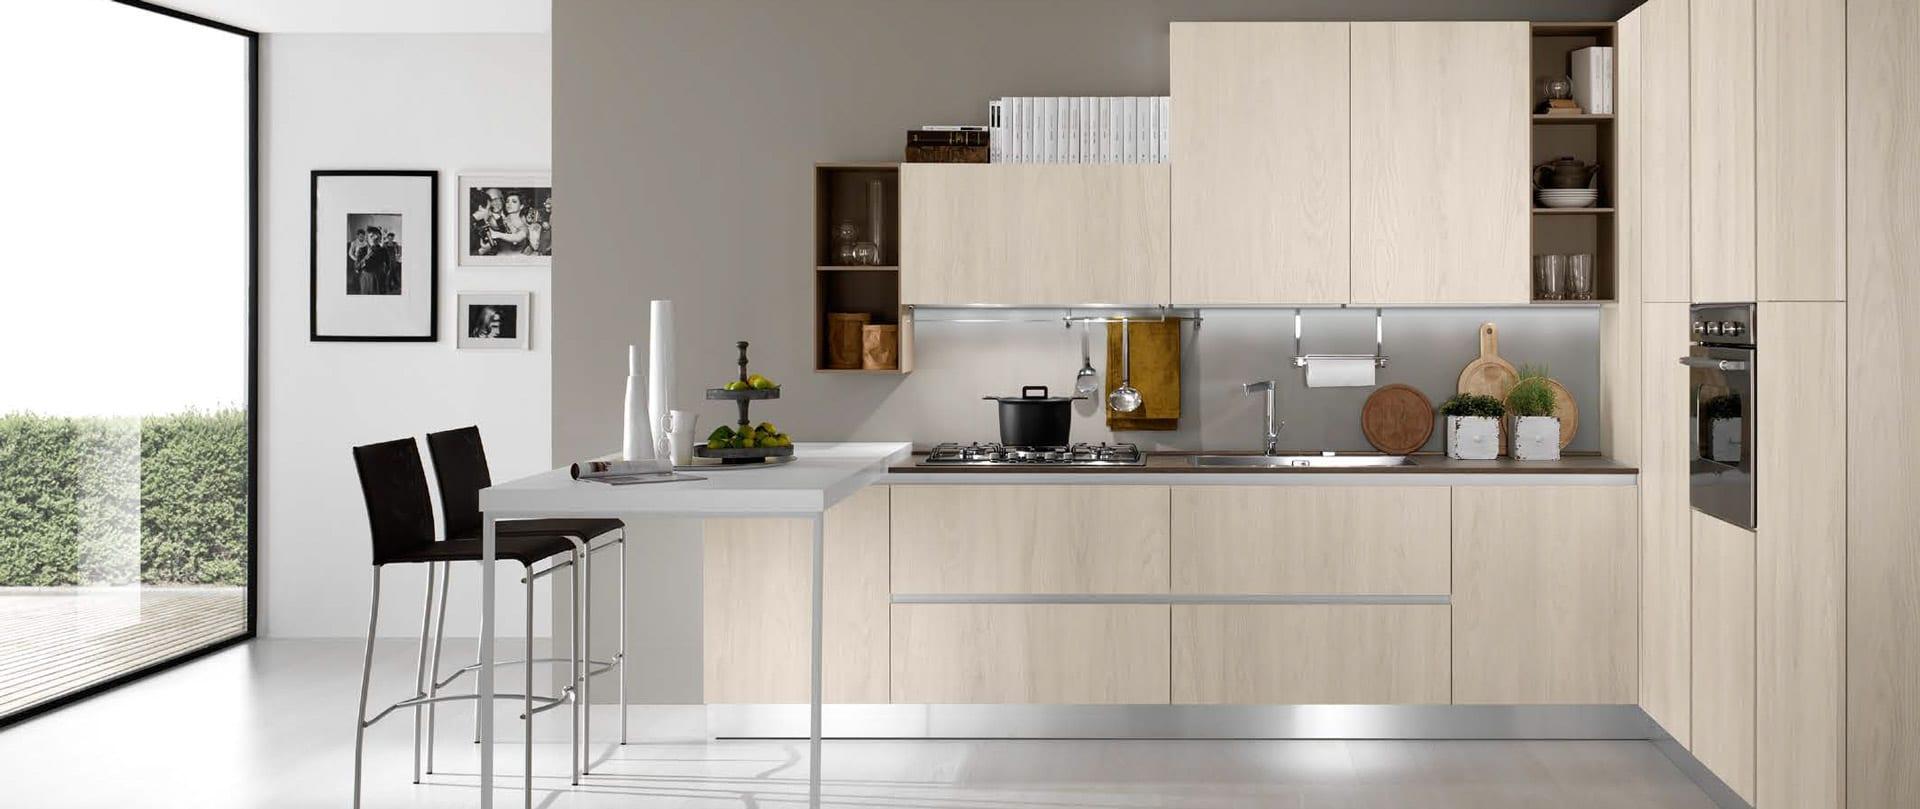 03-cucina-moderna-cielo